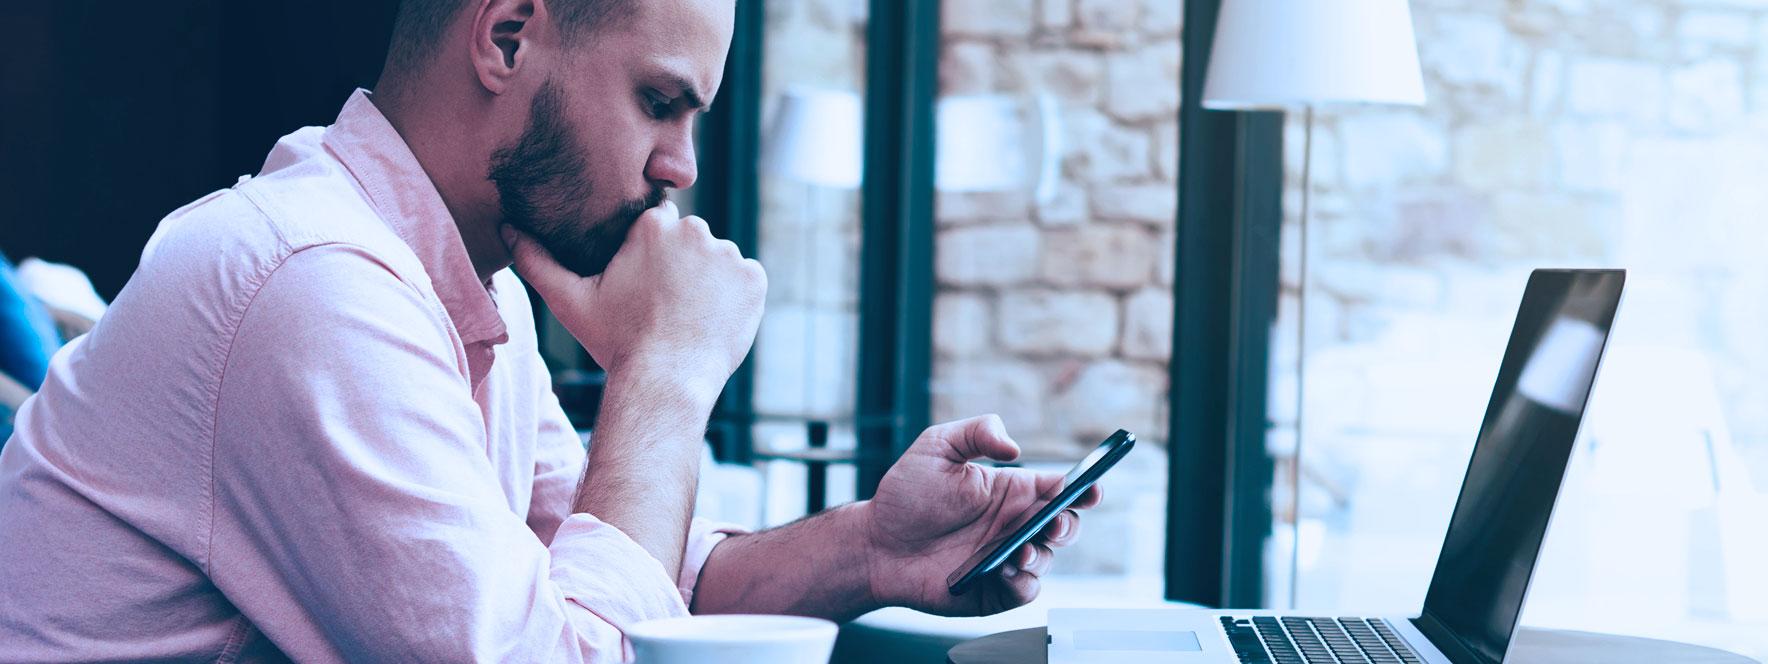 Le mobile dans la profession de massothérapeutes - Blogue du Réseau